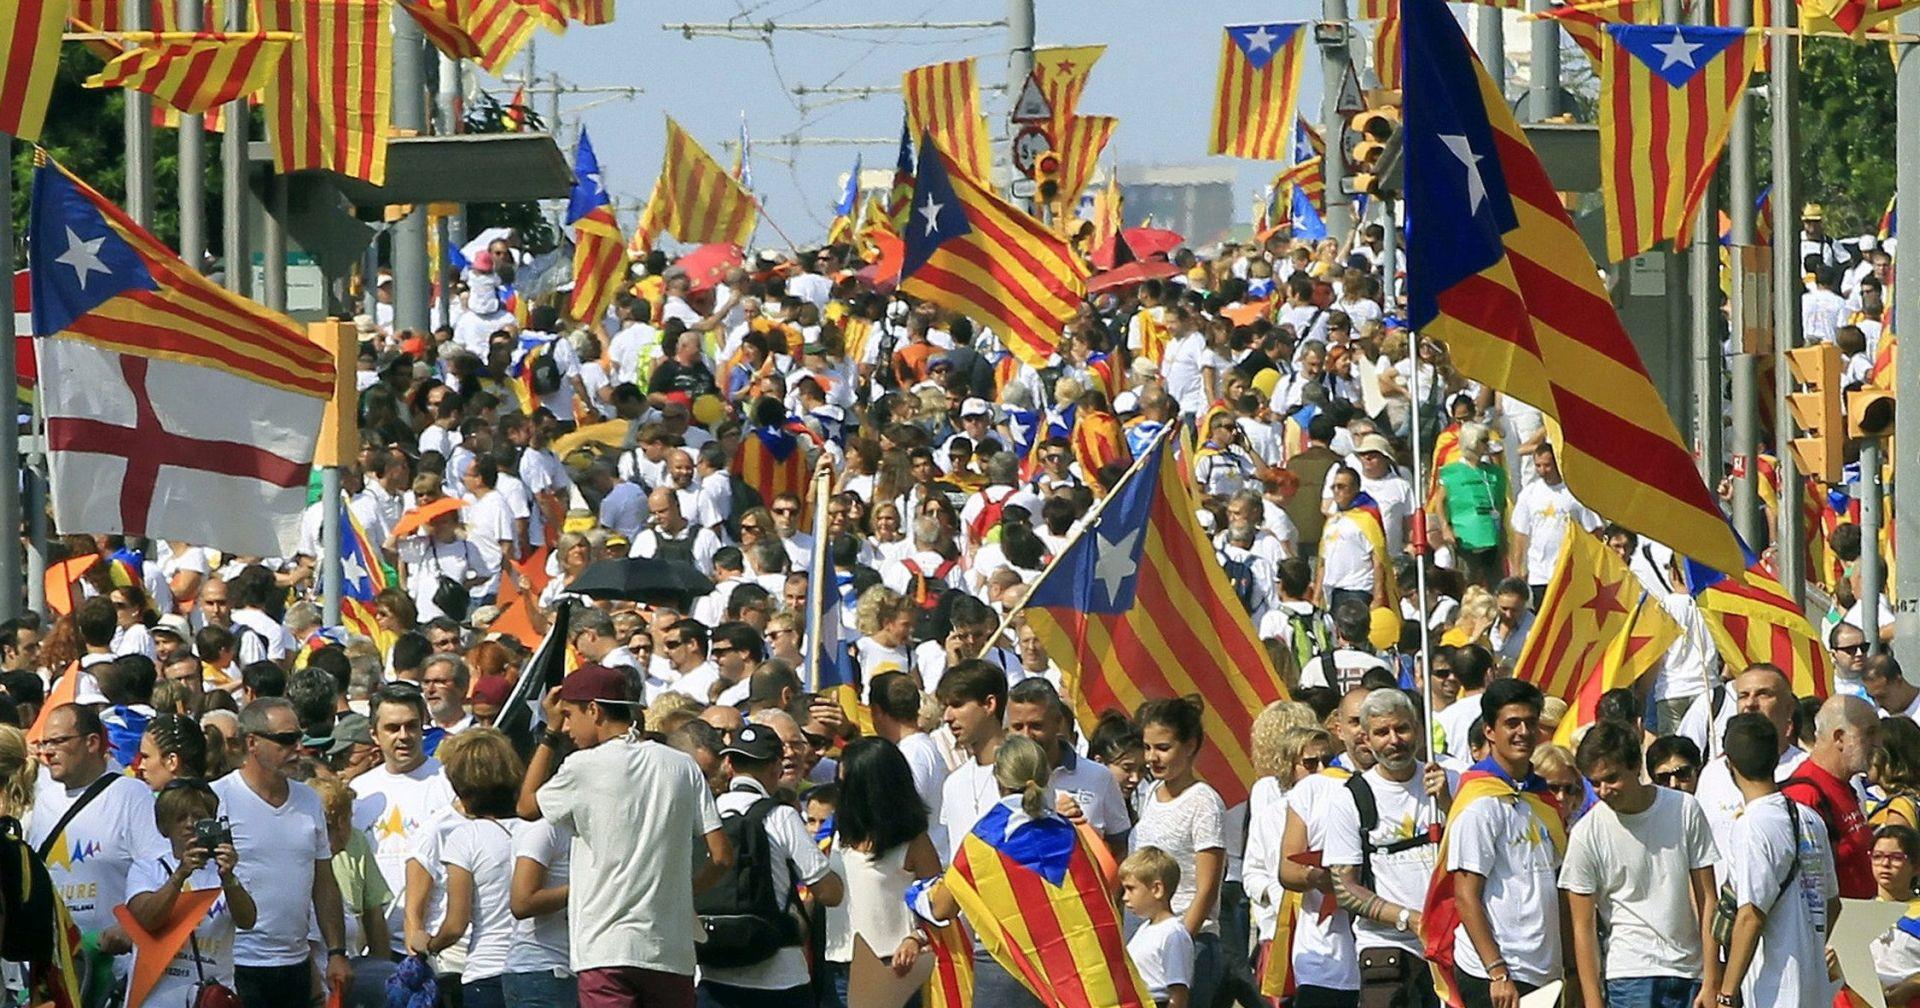 OTVORENA BIRALIŠTA Više od pet milijuna ljudi glasuje na povijesnim izborima u Kataloniji